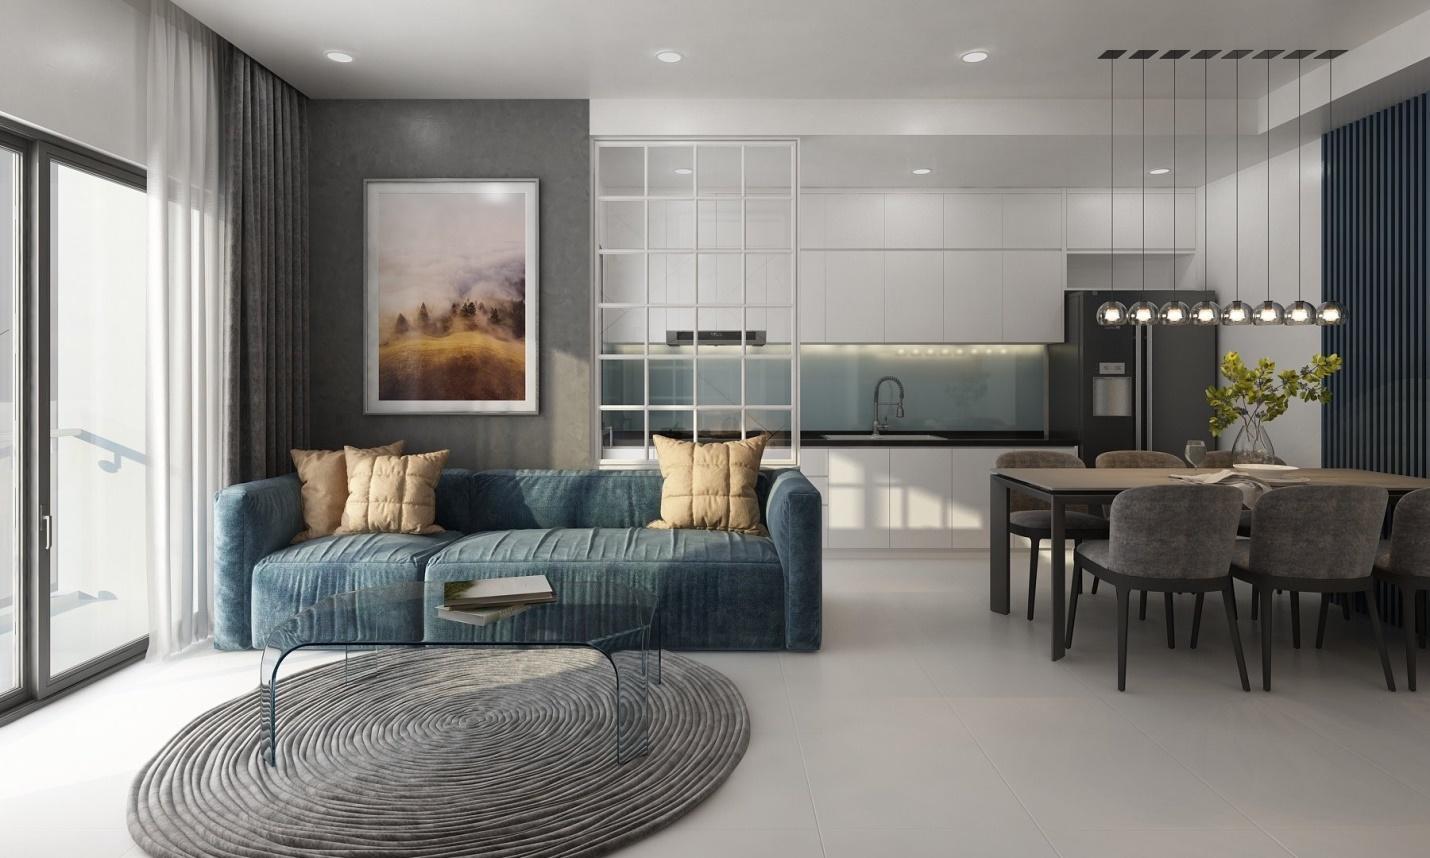 Dịch vụ thiết kế nội thất bao gồm những gì?